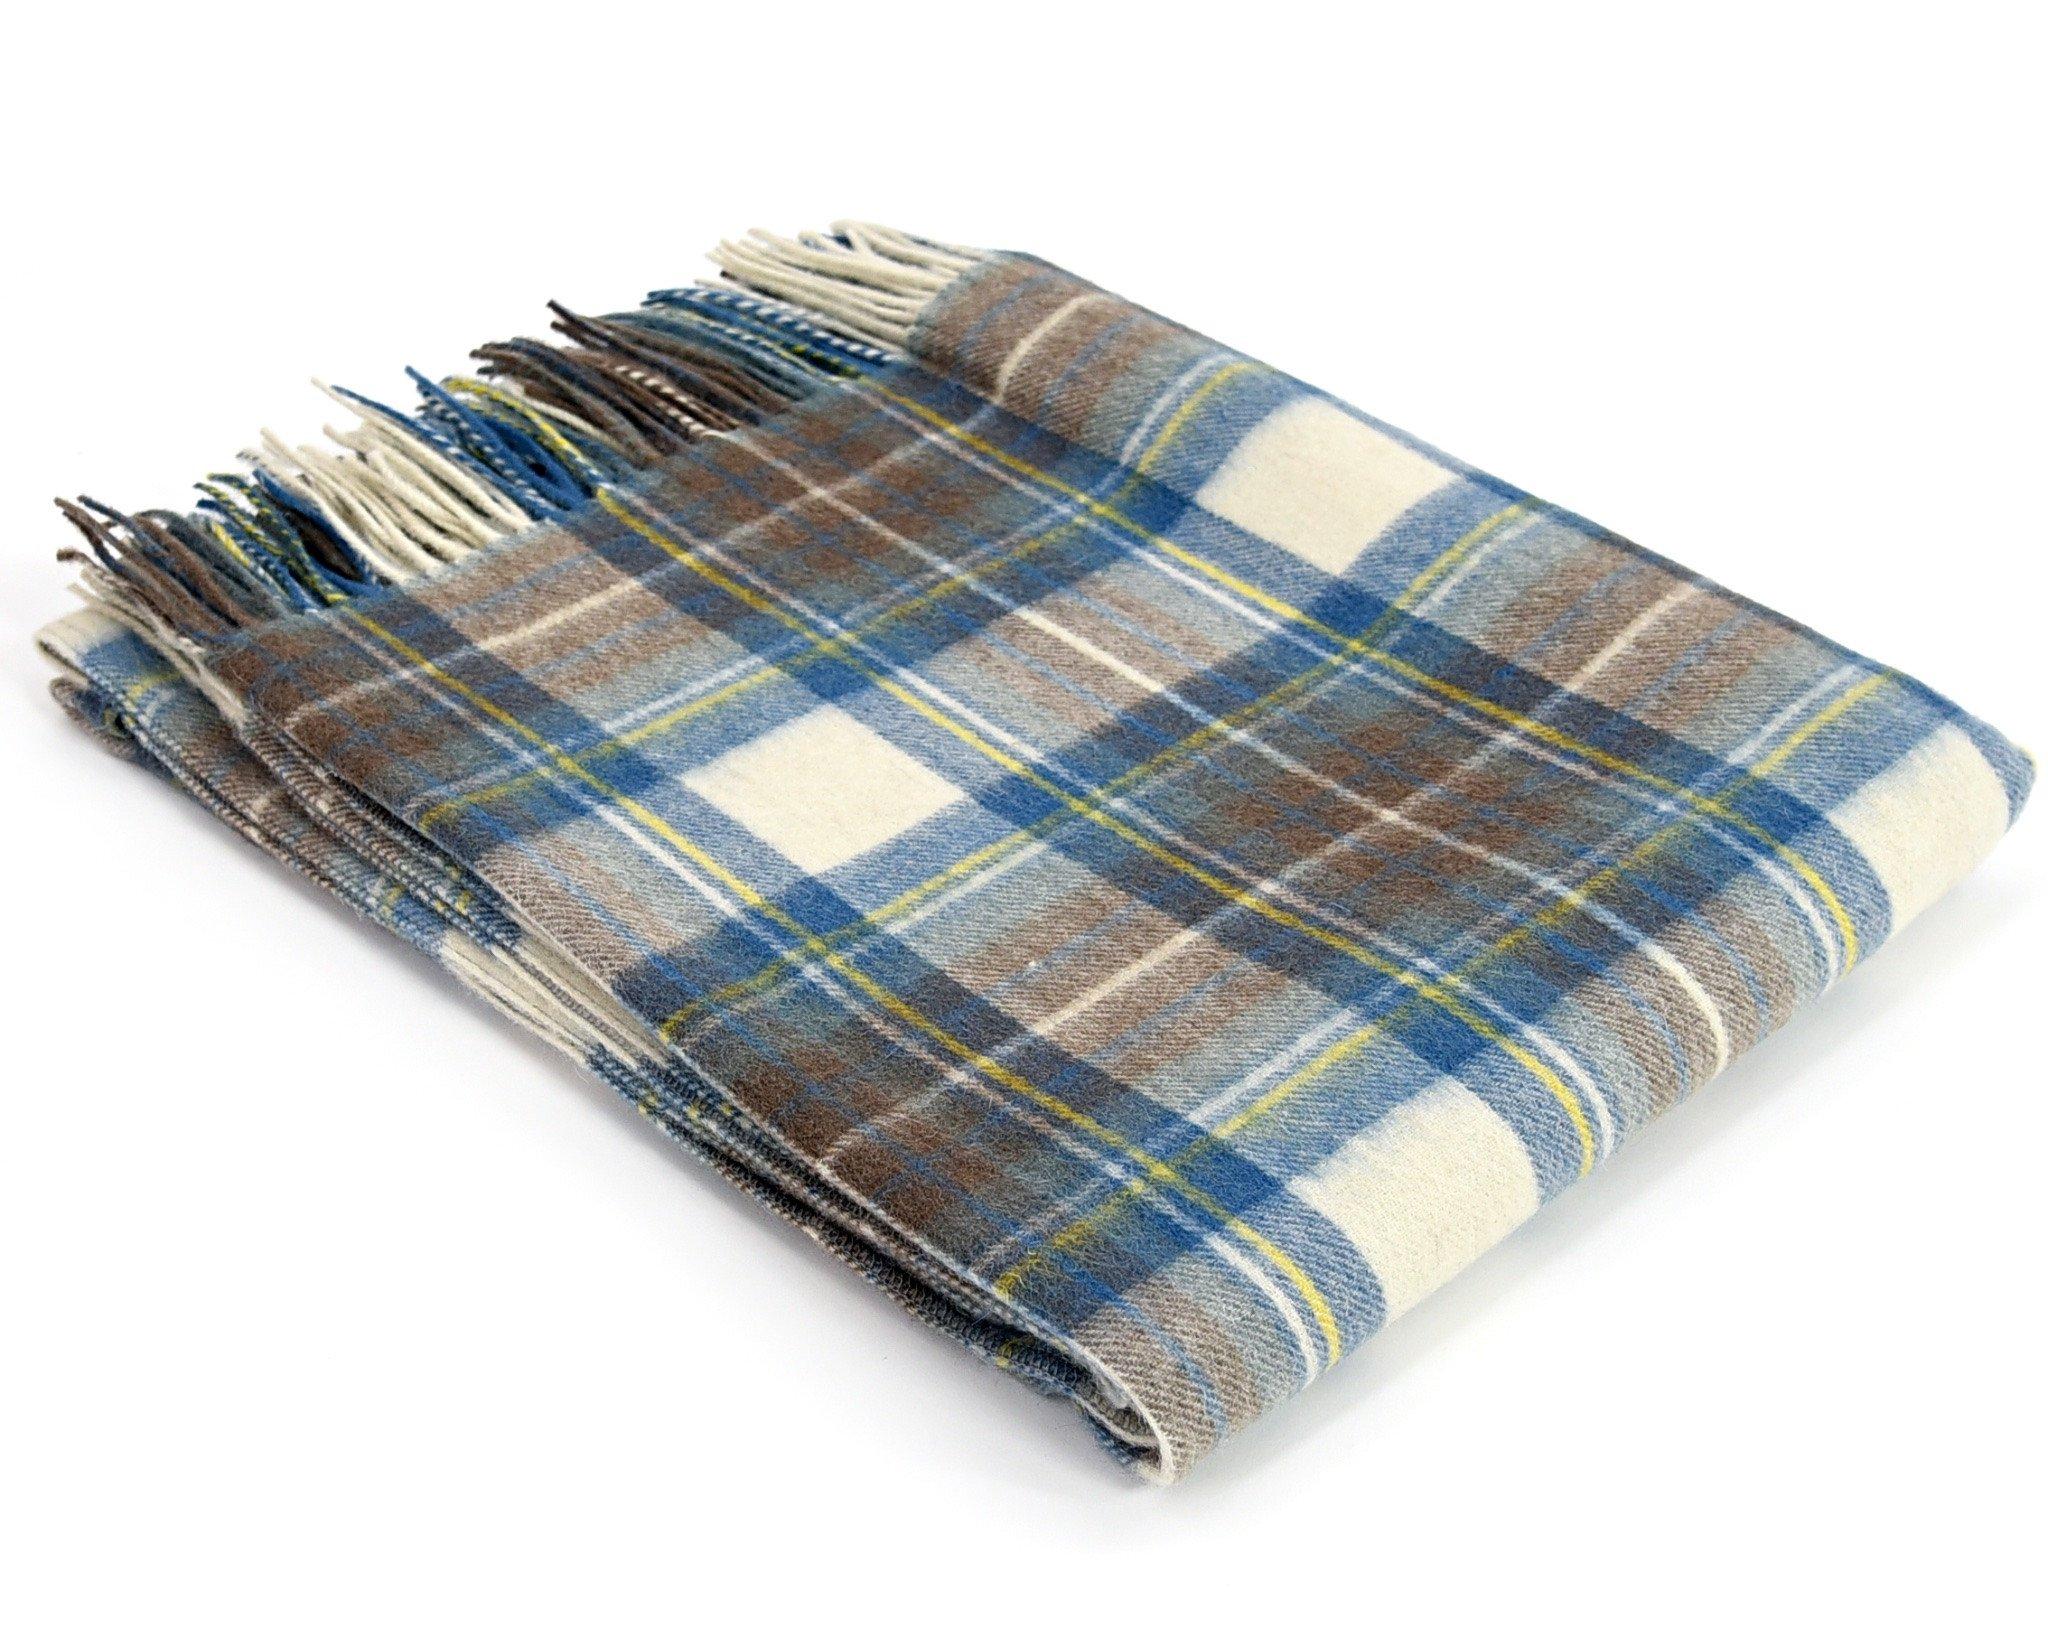 Плед Muted Blue Dress StewartШерстяные пледы<br>Традиционный плед в клетку из шерсти ягненка, размер 190х150см. Мягкий и невесомый, подарит ощущение тепла и гармонии или станет изысканным подарком!<br><br>Material: Шерсть<br>Ширина см: 190<br>Глубина см: 150